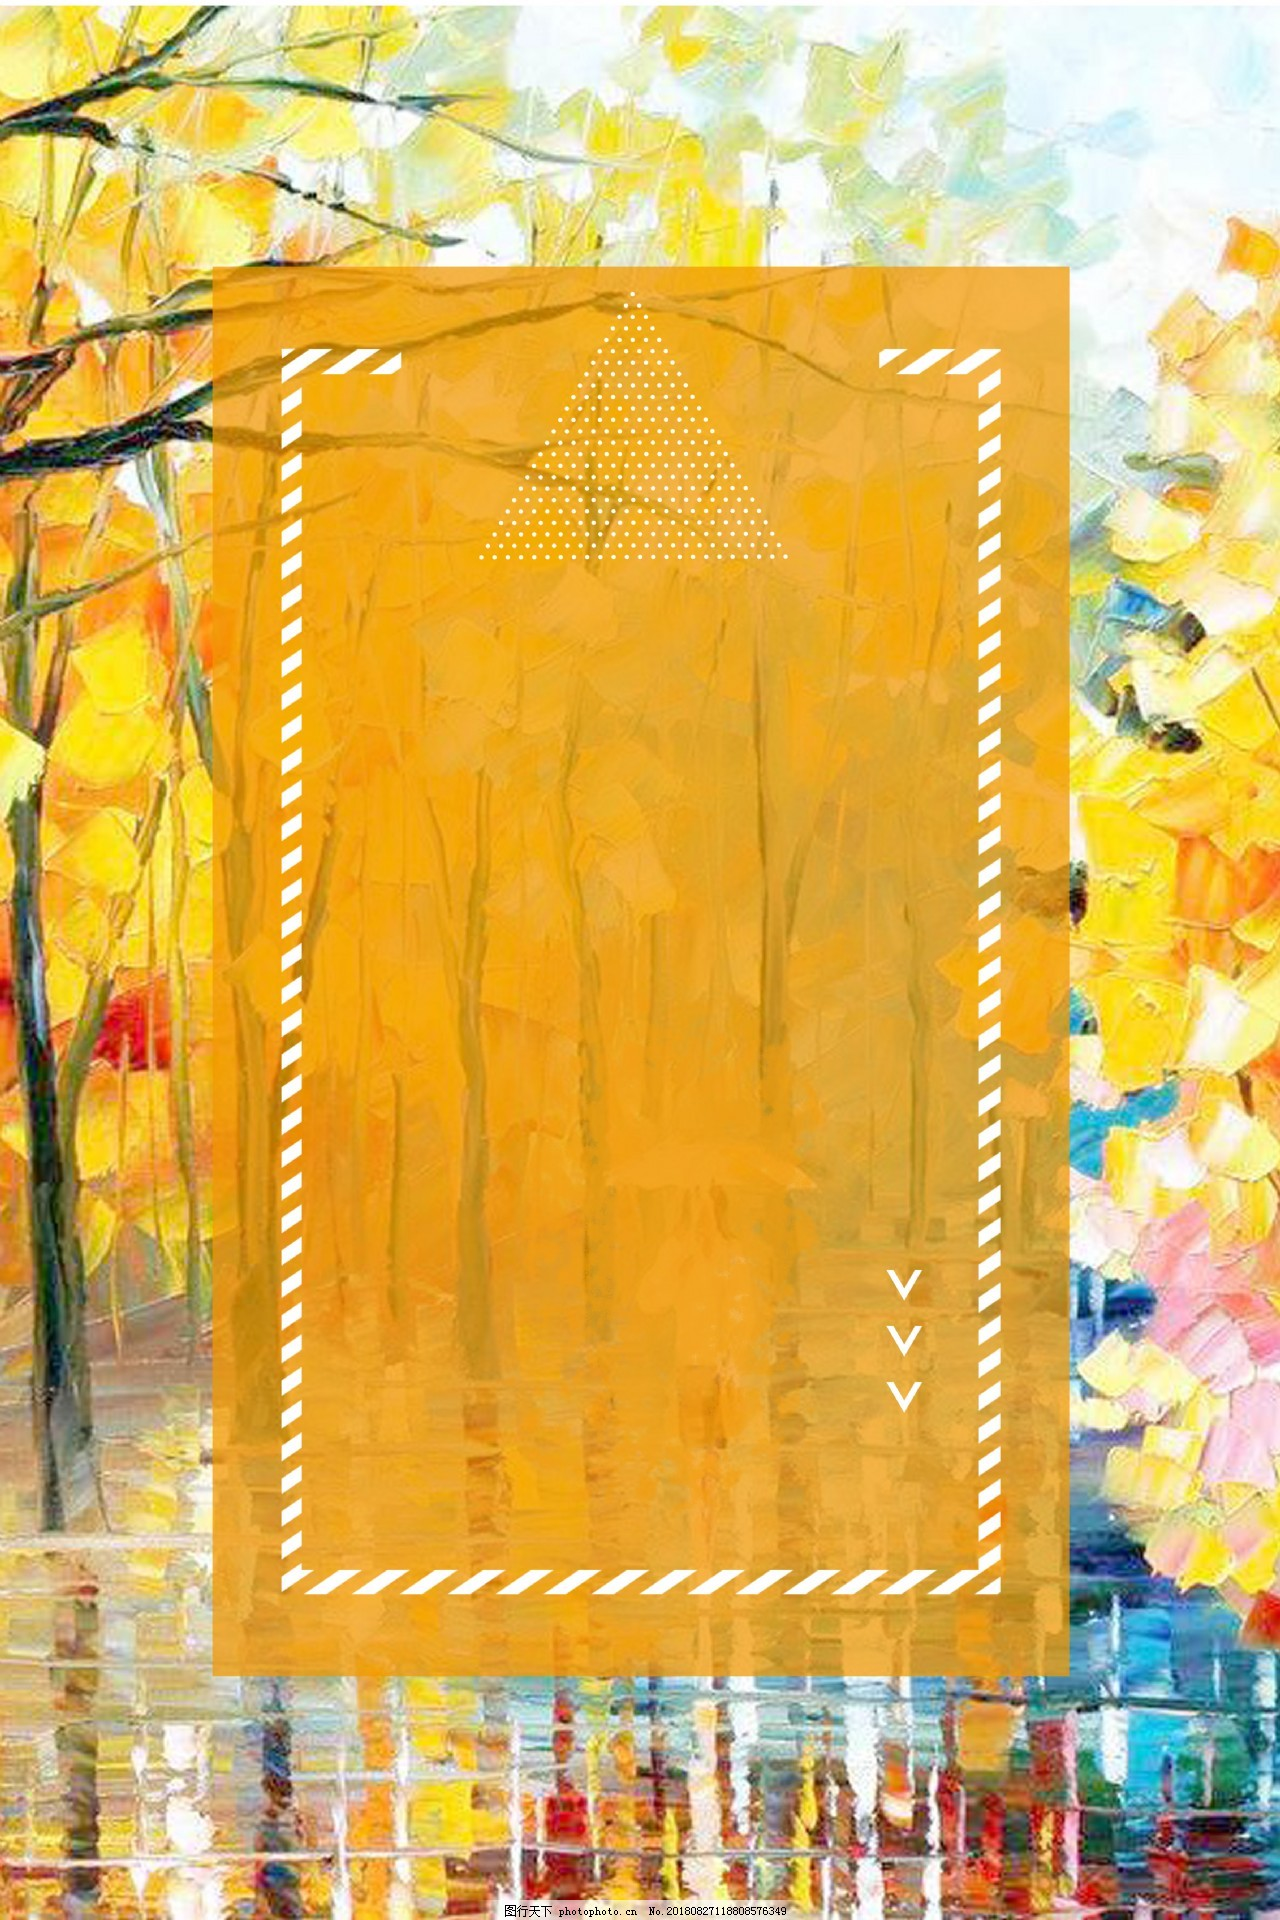 油画秋雨秋季上新背景,油画背景,简约,图形边框,促销,秋季促销